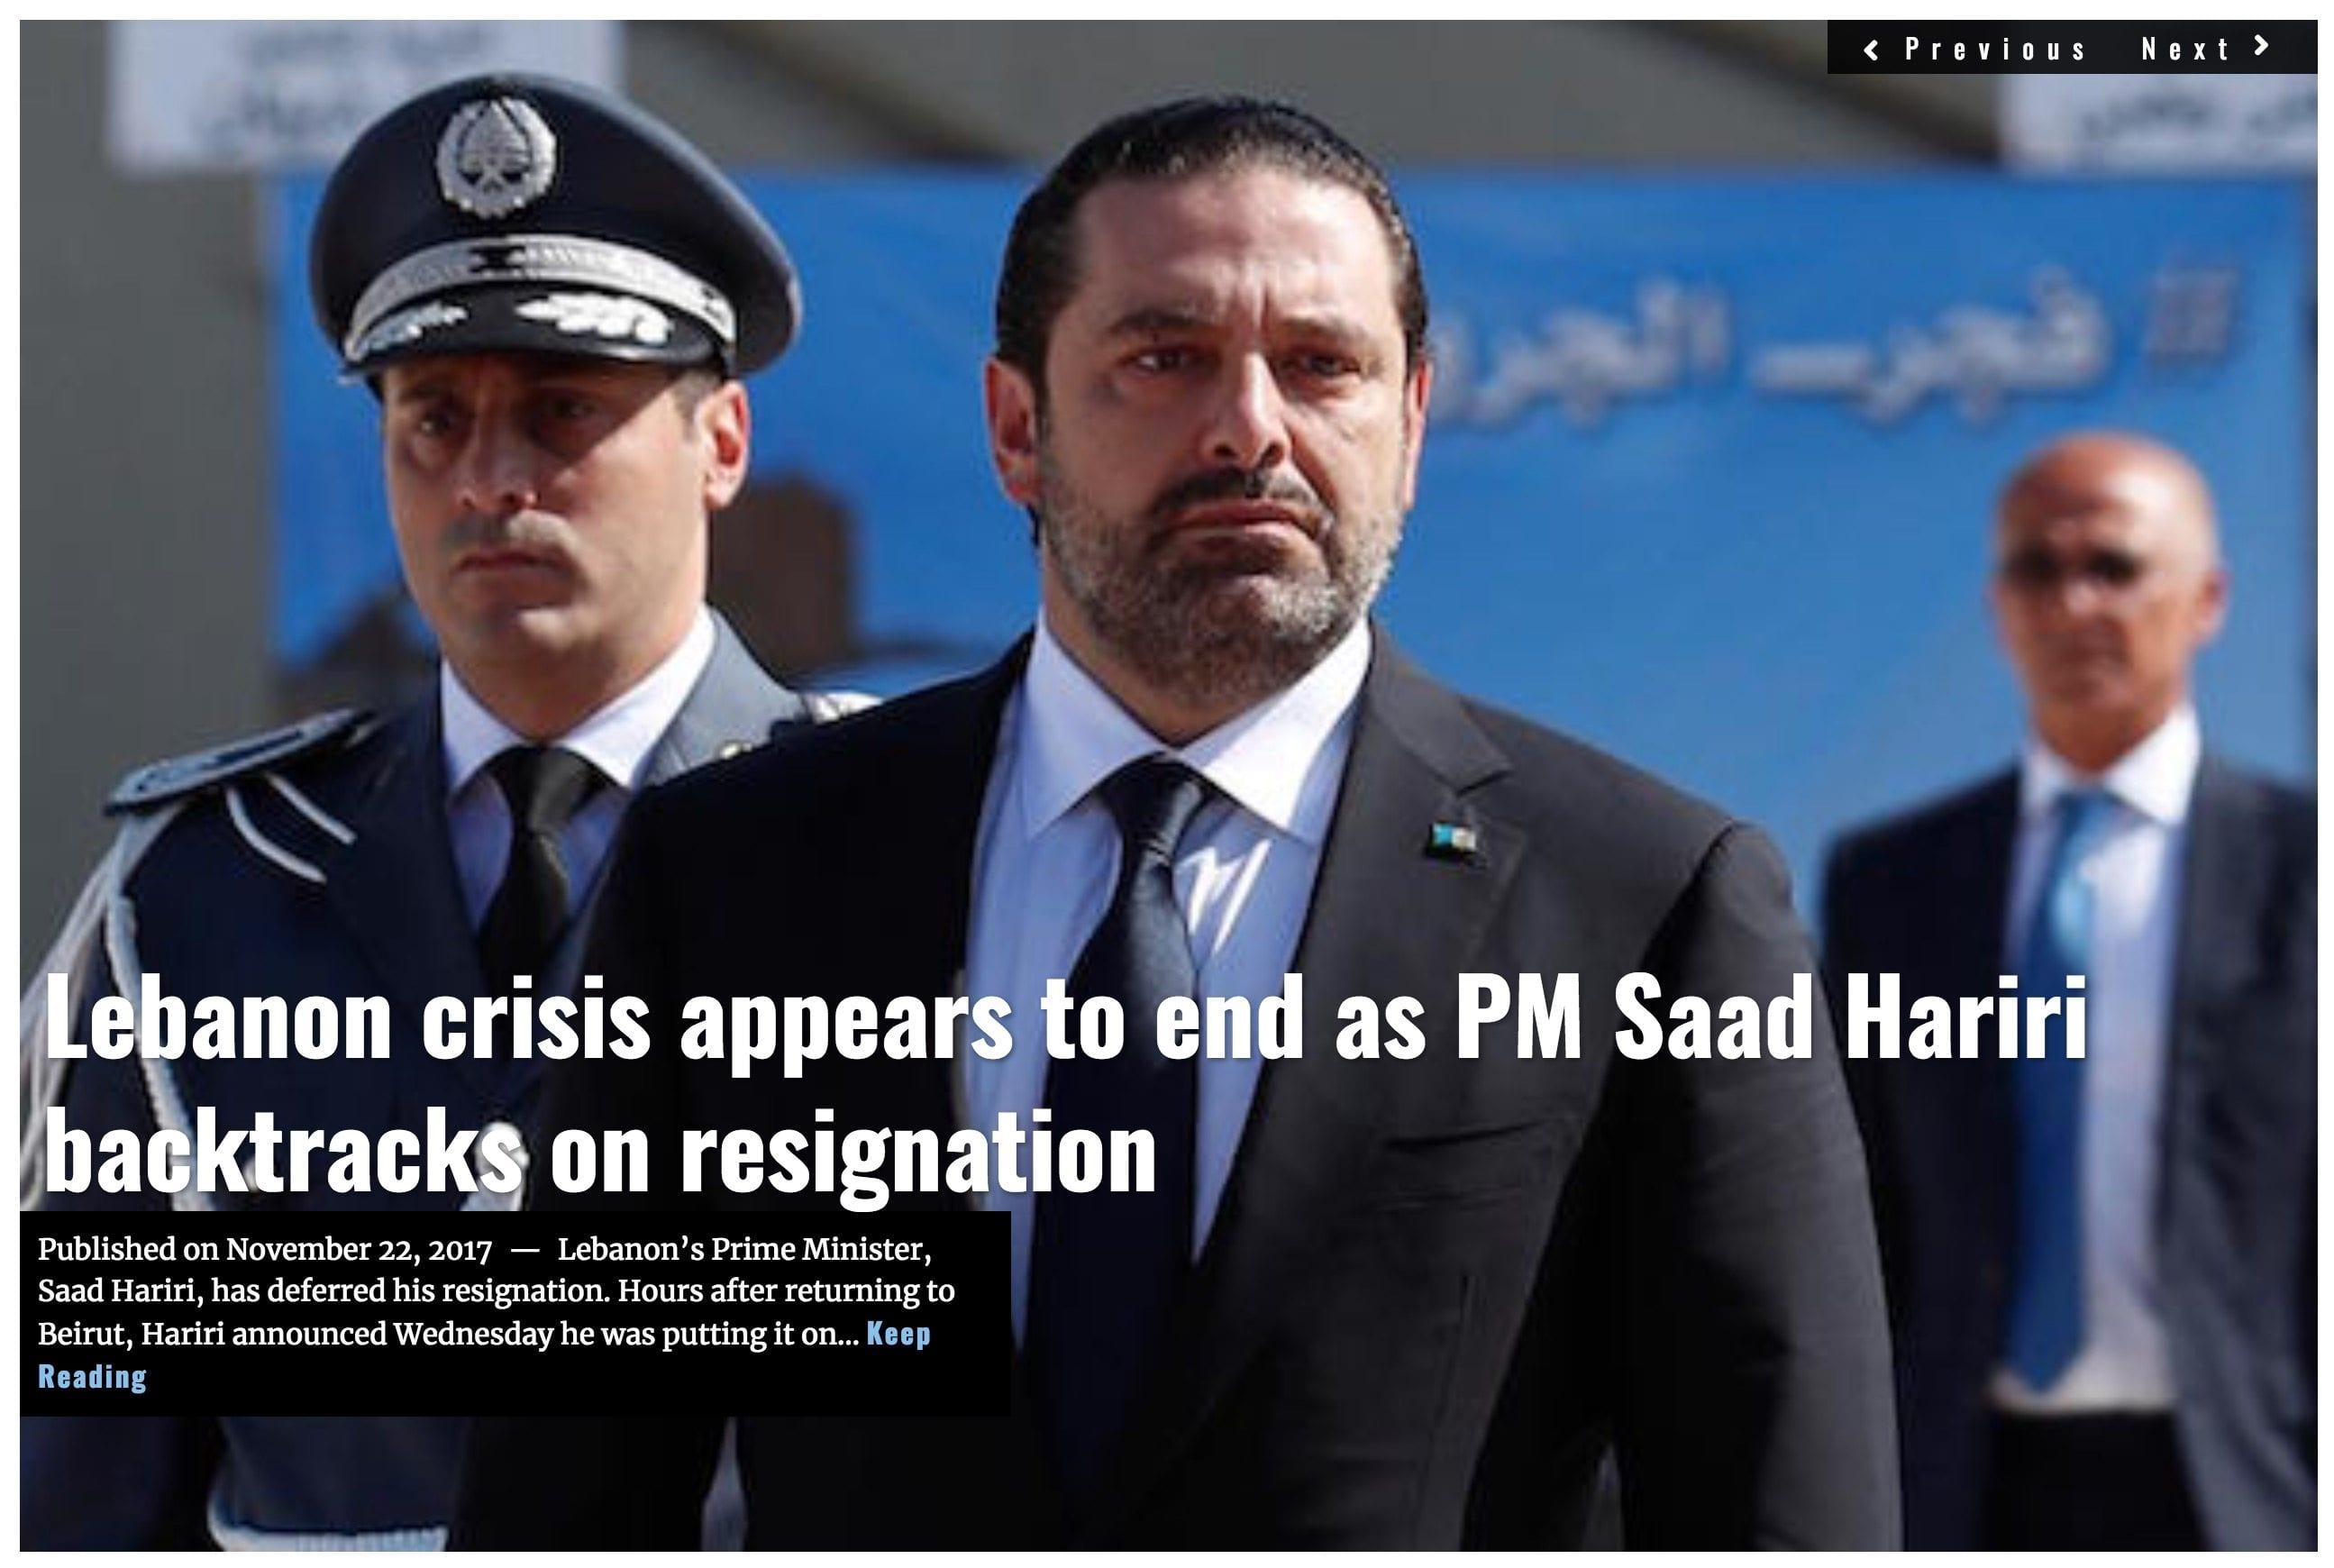 Image Lima Charlie News Headline Saad Harari un resignation NOV22